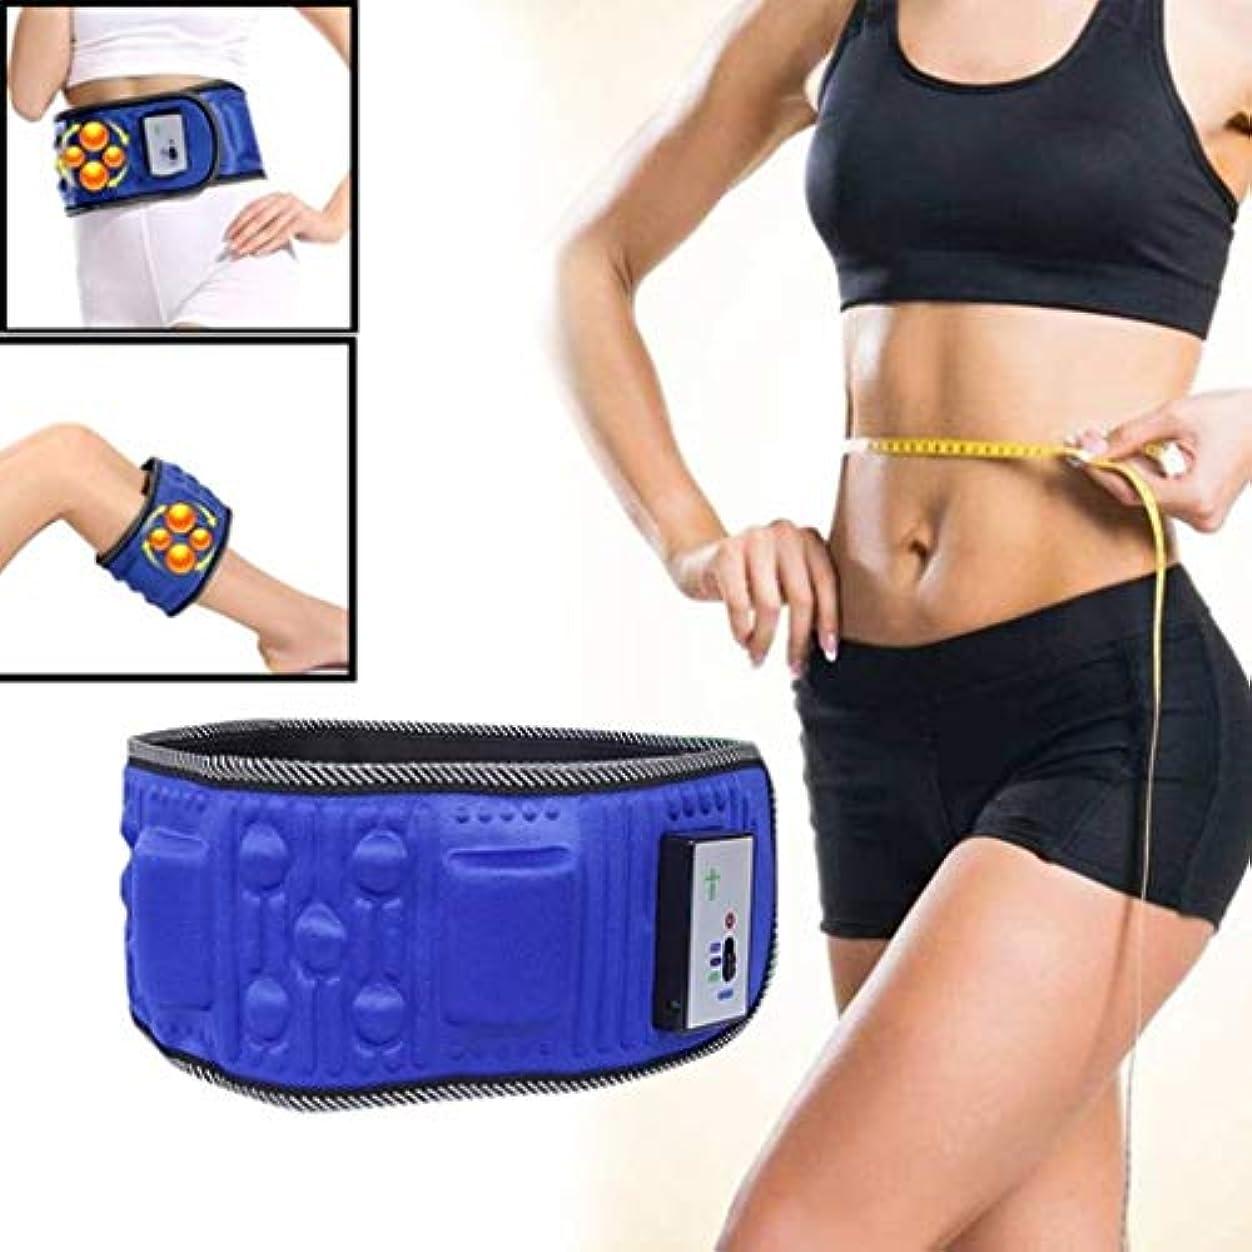 腰マッサージャー、電動振動痩身ベルトマッサージャー、痩身ベルト振動脂肪燃焼痩身ベルト、ウエストトレーナー